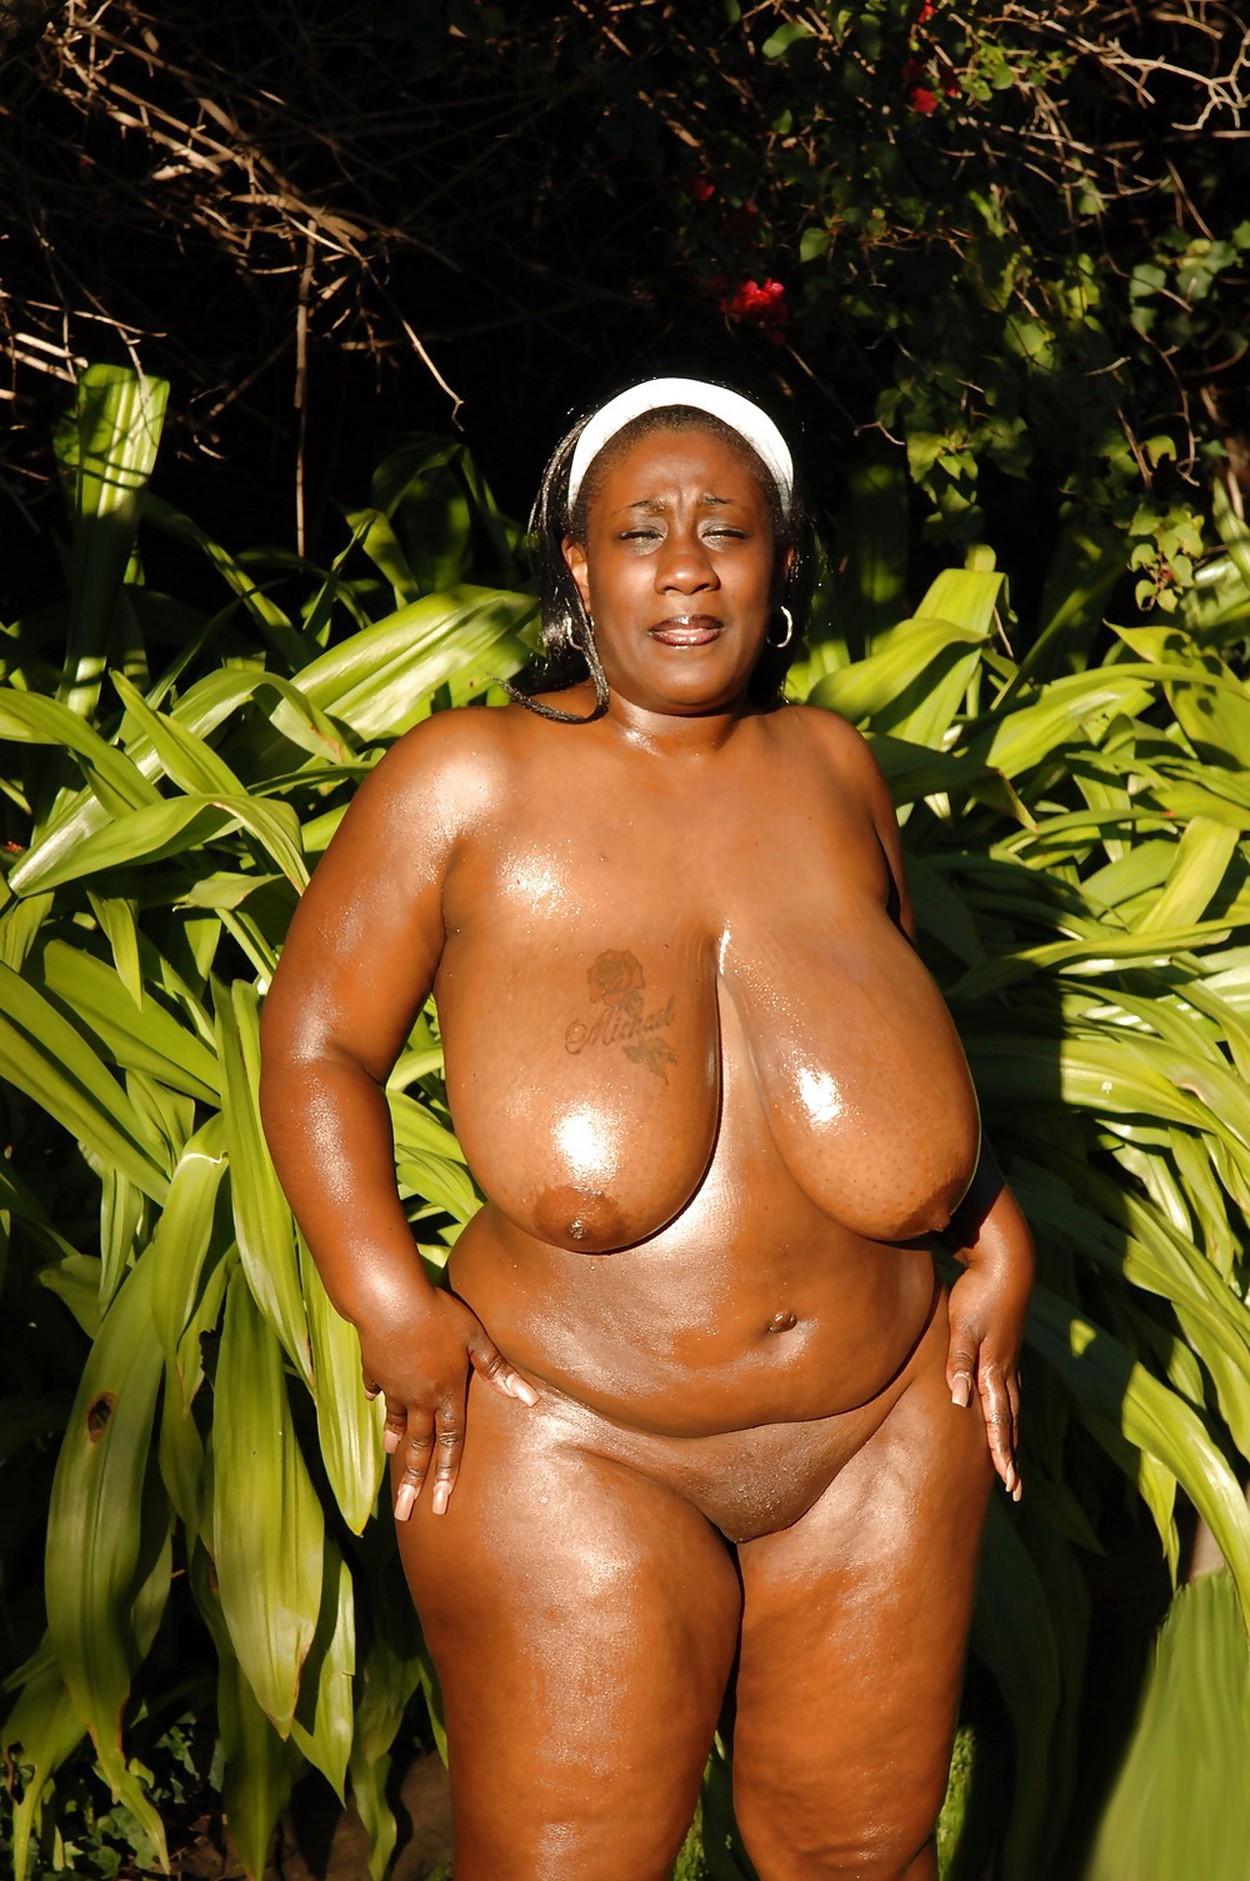 пляж бескрайний толстые негритянки голые вас странице